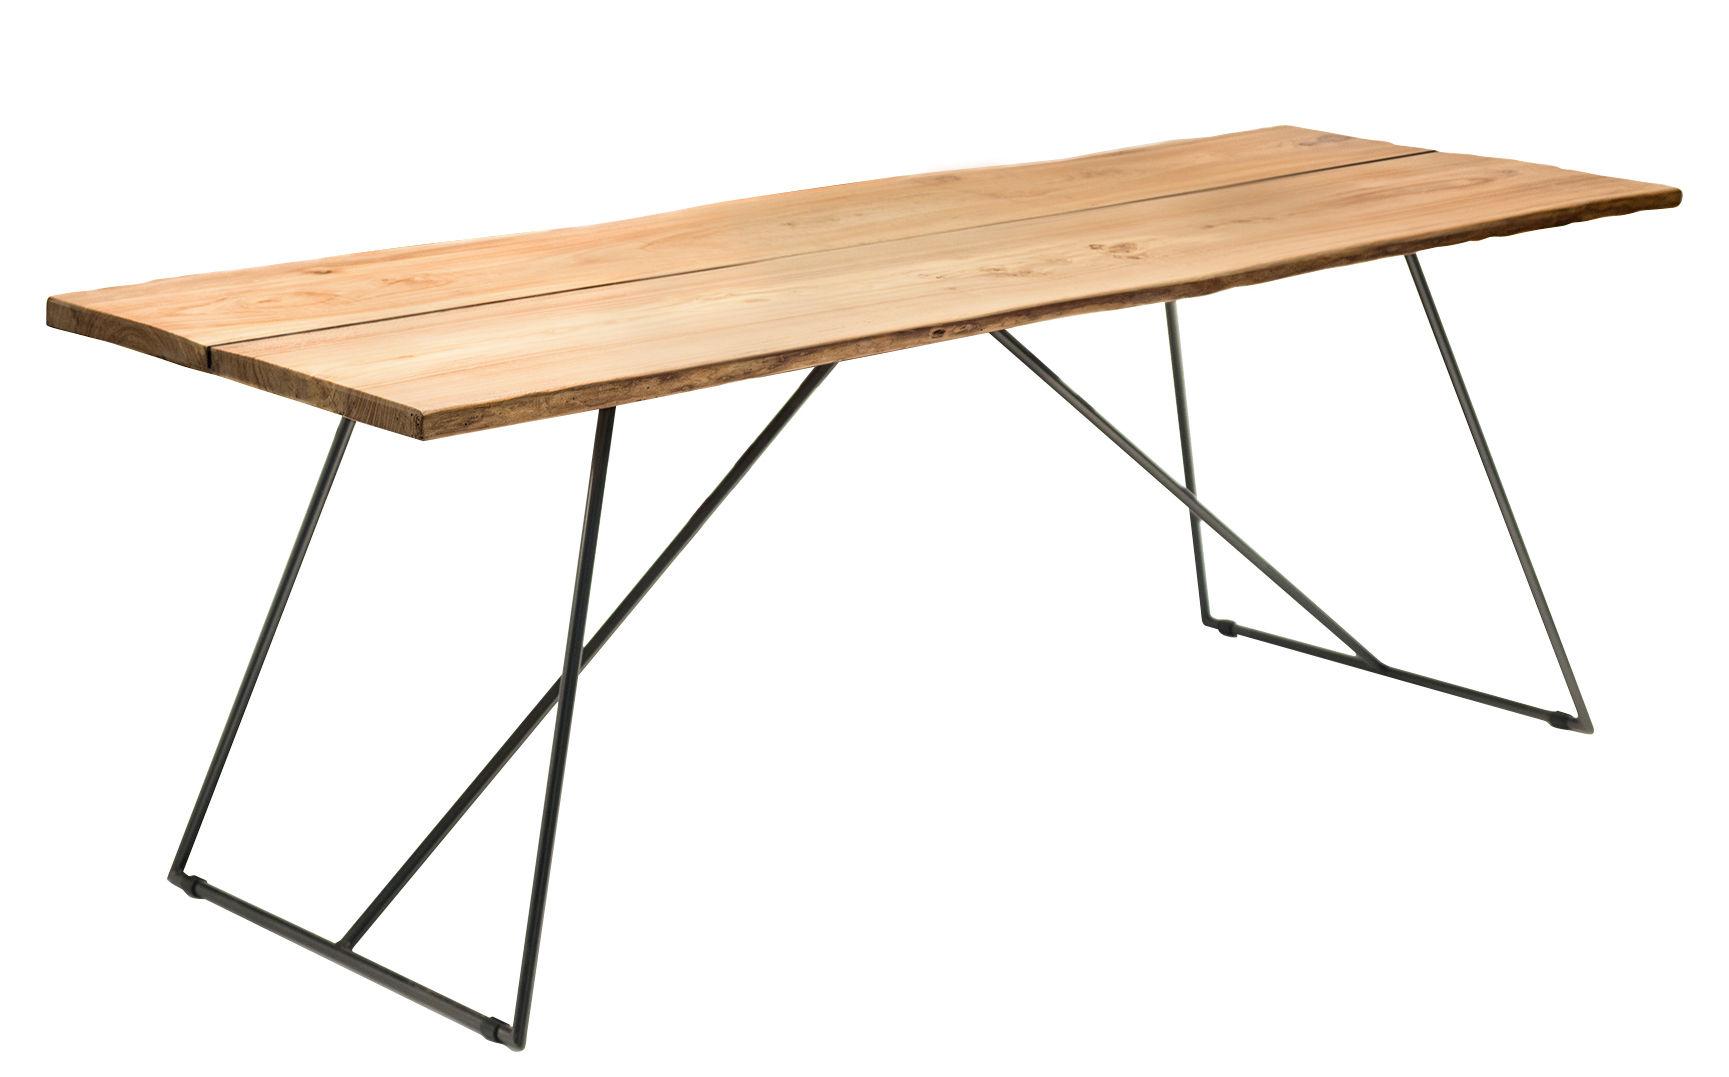 Mobilier - Tables - Table rectangulaire Old Times / 190 x 70 cm - Zeus - Bois naturel / Piètement noir - Acier peint, Olivier massif